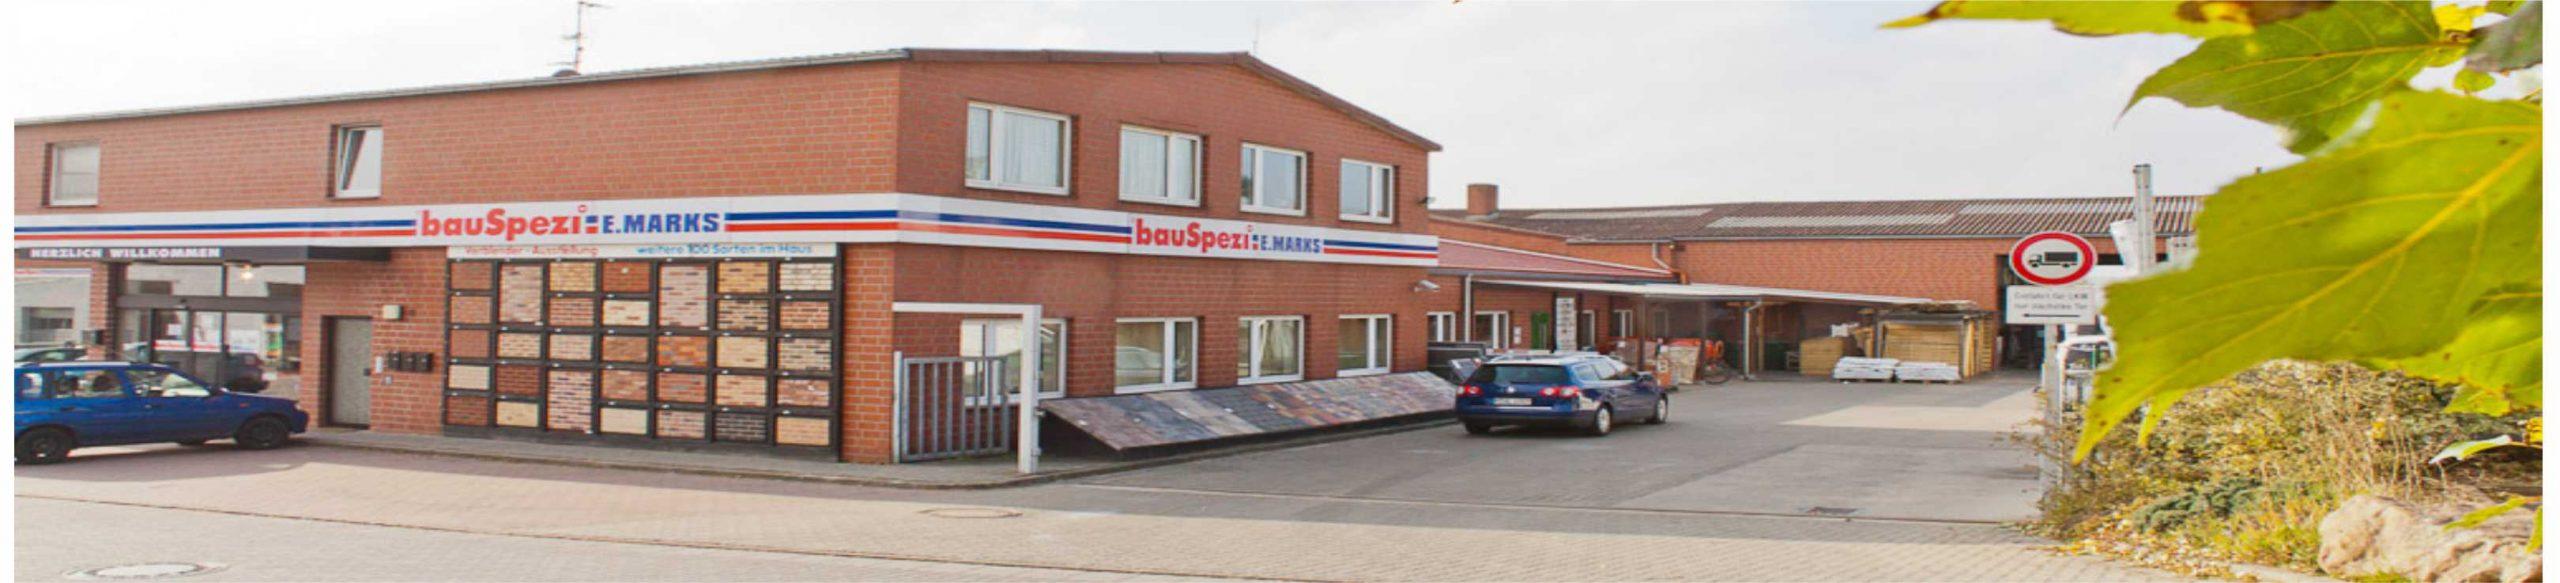 bauSpezi Wedemark Erich Marks Baustoffhandel GmbH - Wedemark